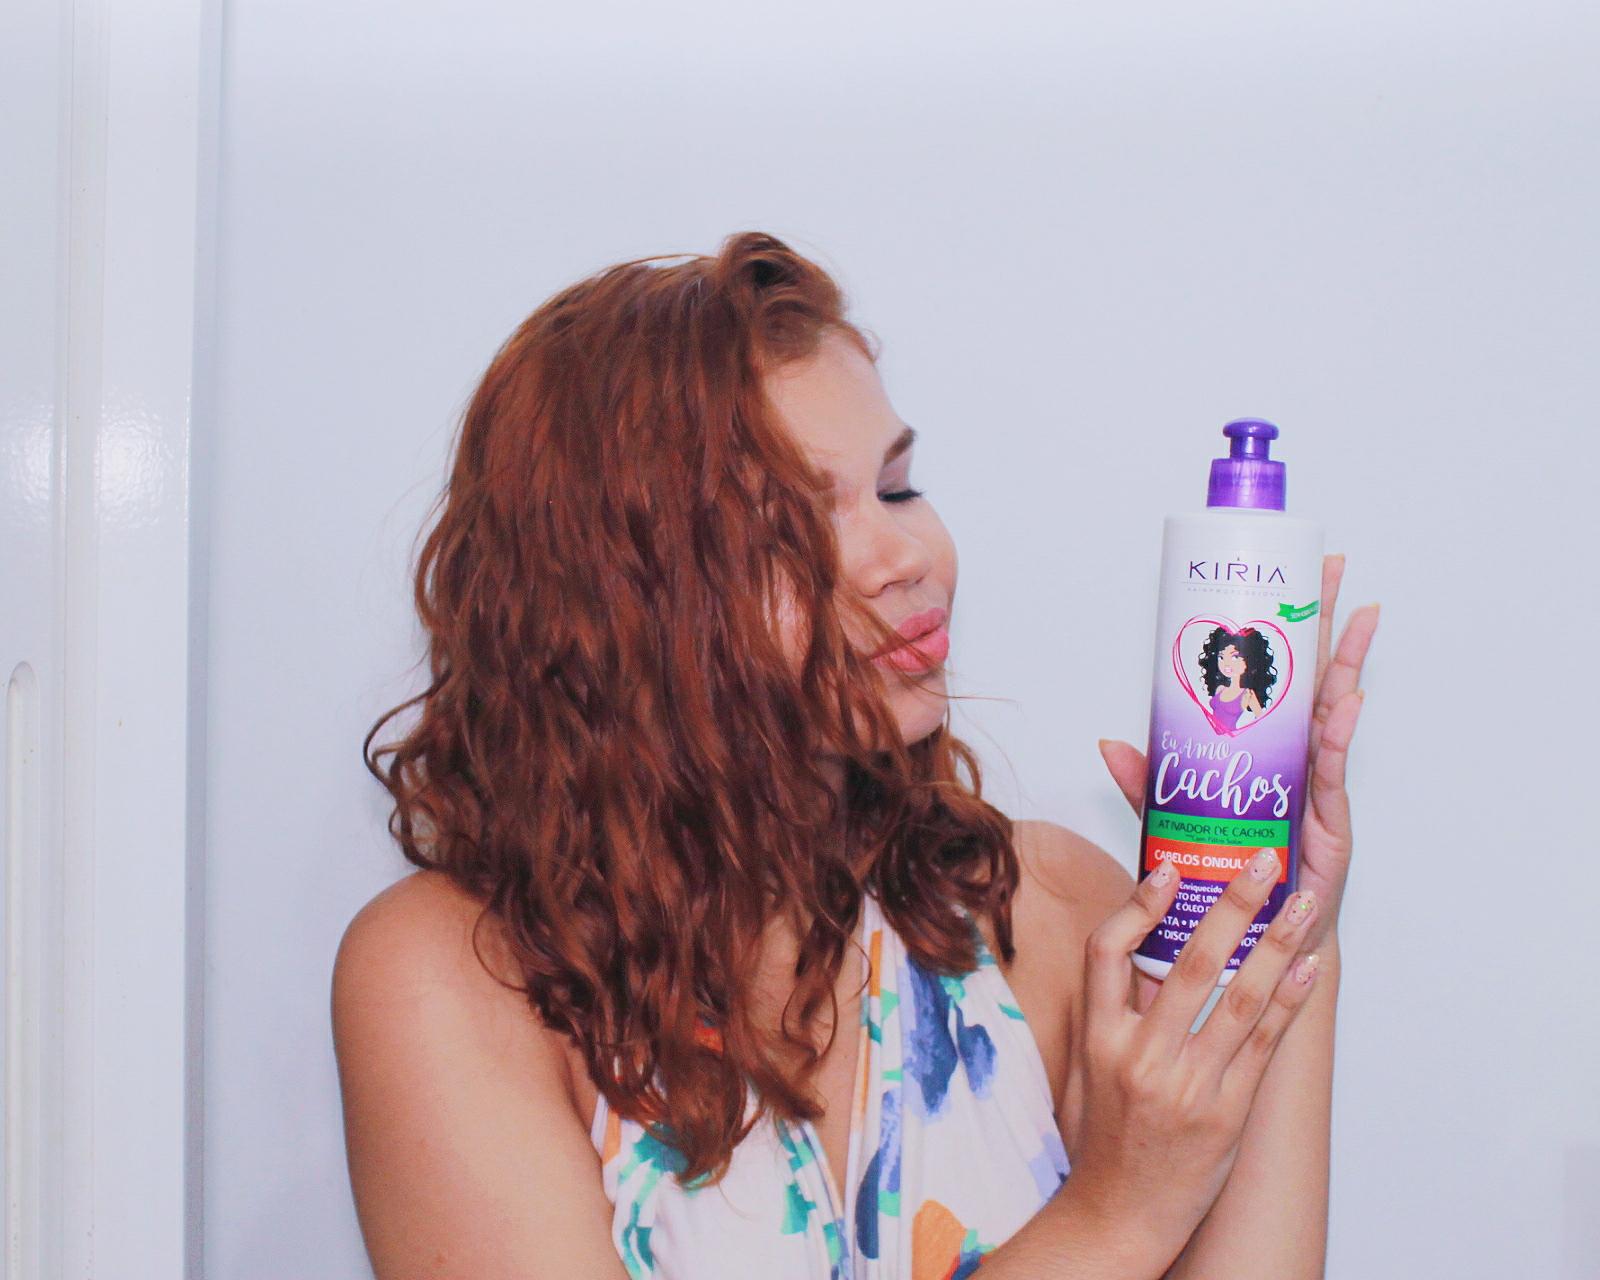 Resenha ativador de cachos para cabelo ondulado Kiria, produtos para cabelo ondulado, cabelo 2a, cabelo 2b, como cuidar, produtos para onduladas, cabelo ondulado, kiria hair